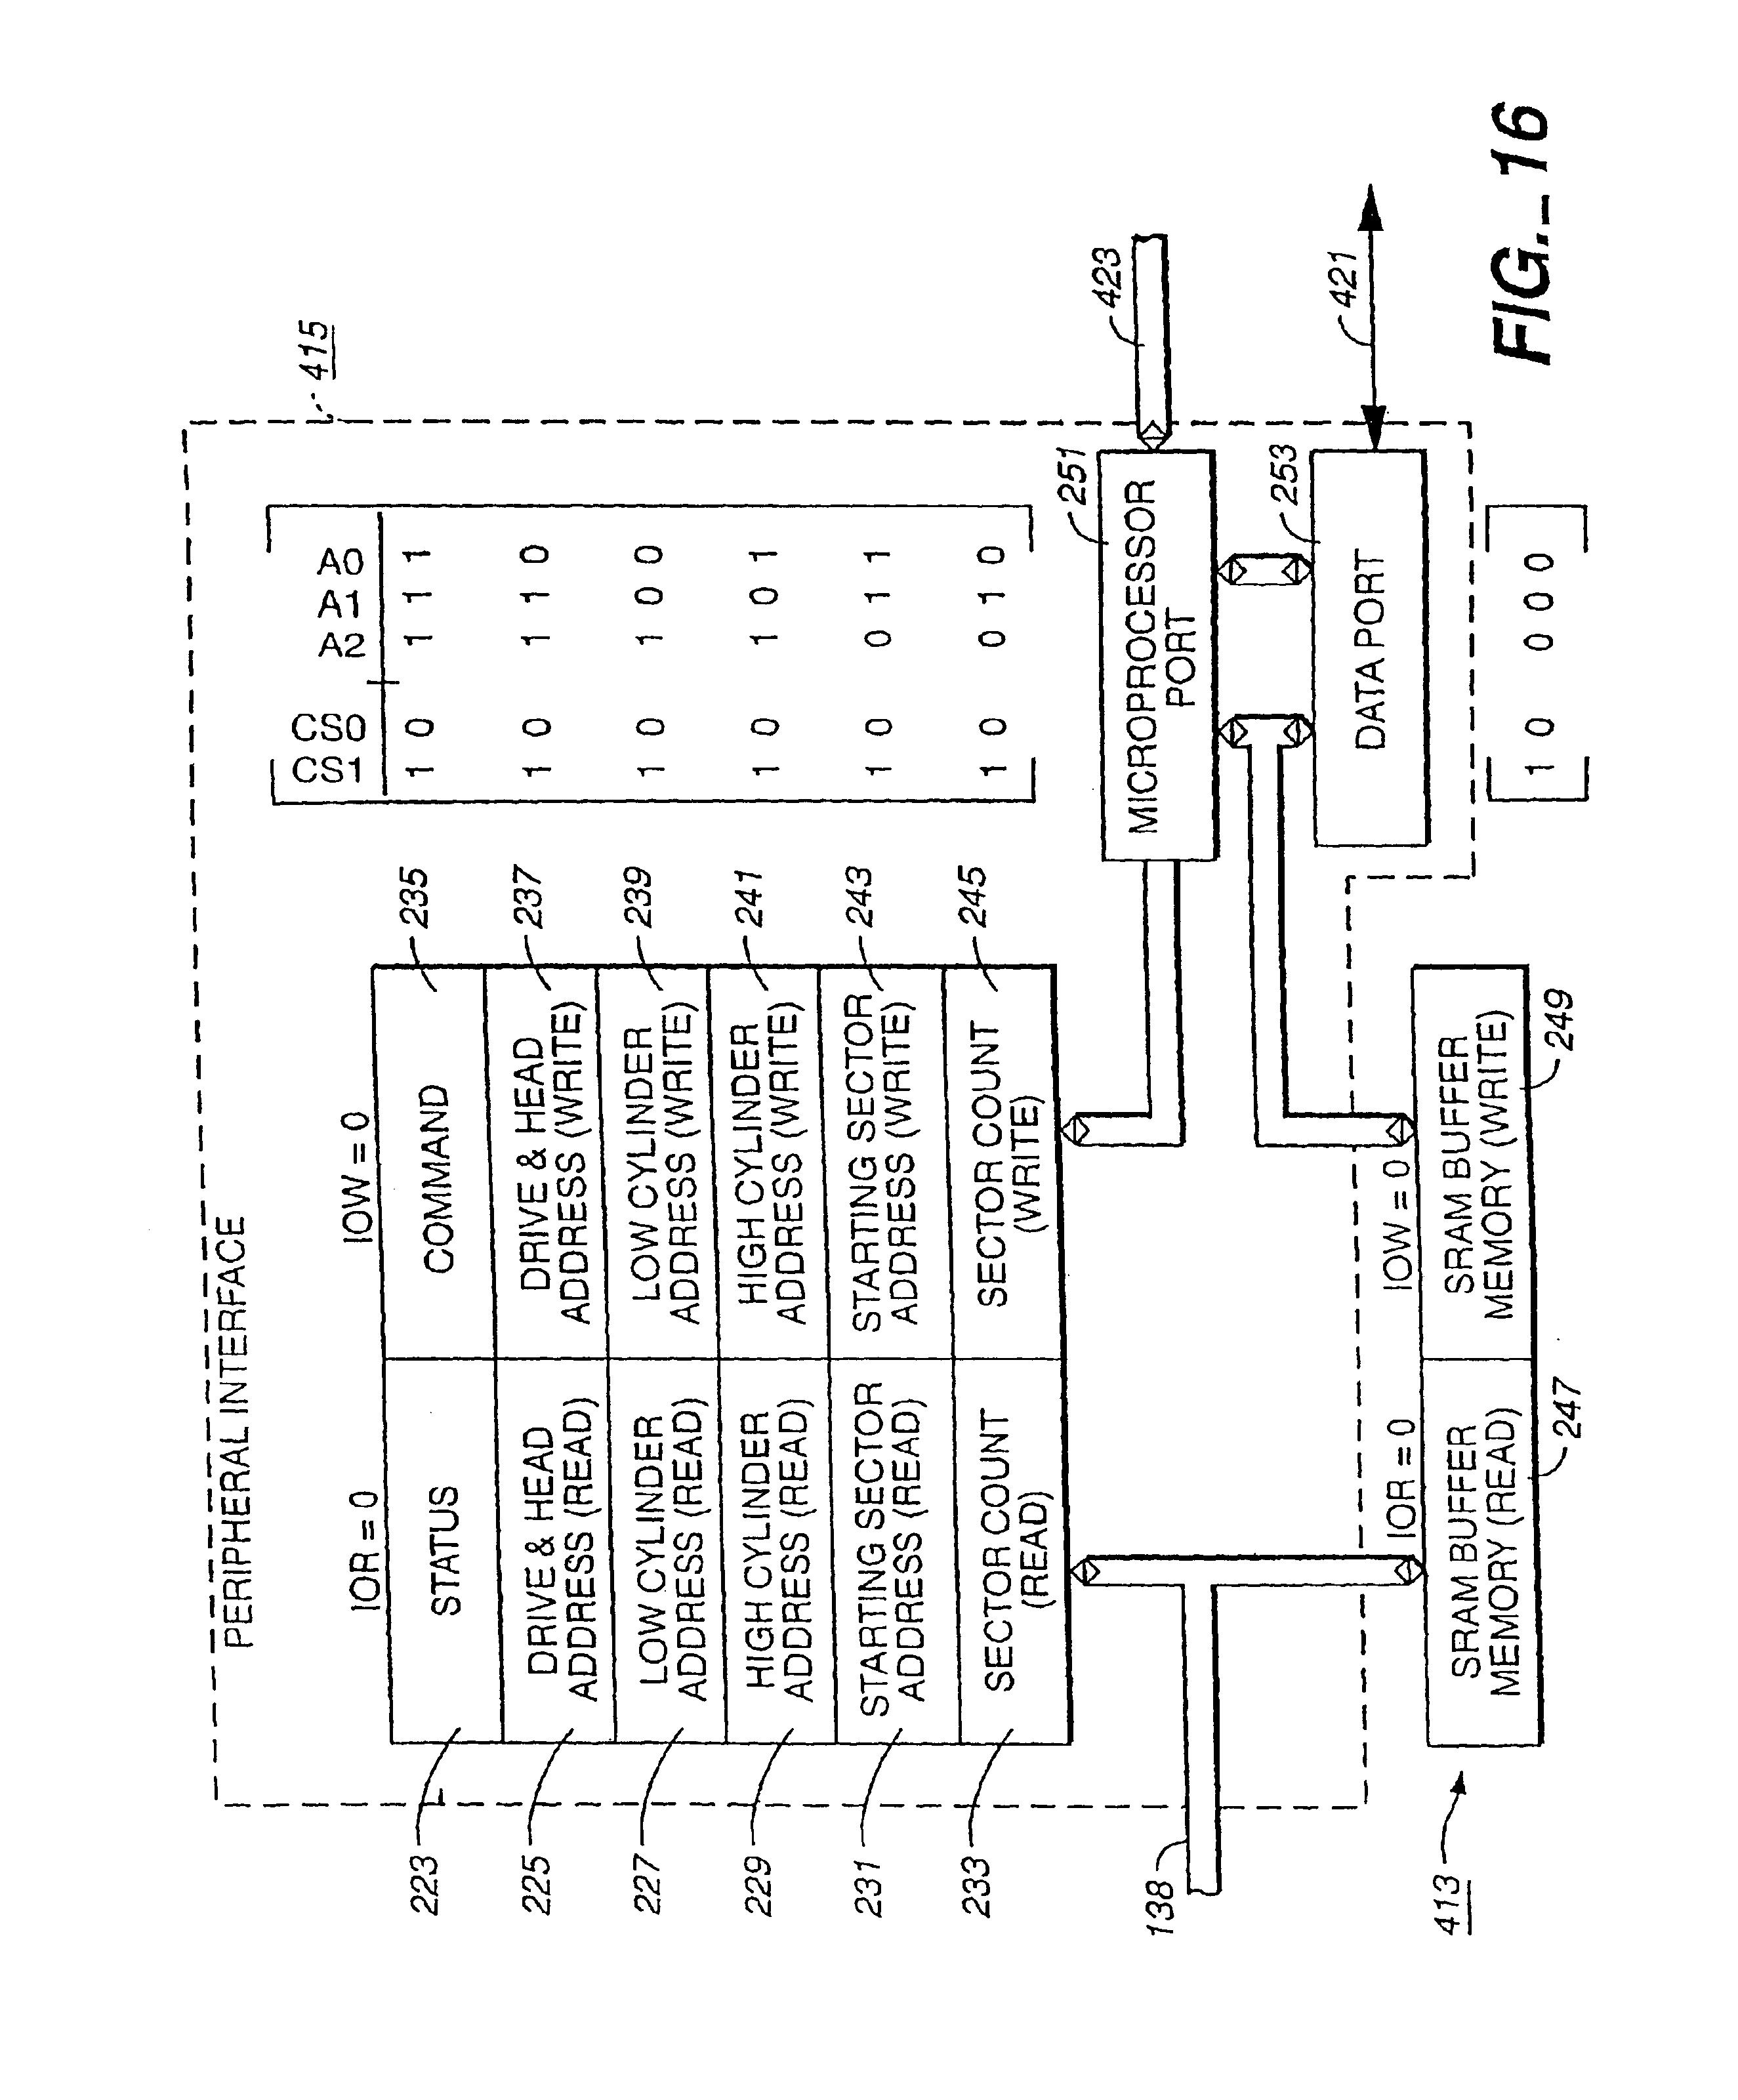 patent us6947332